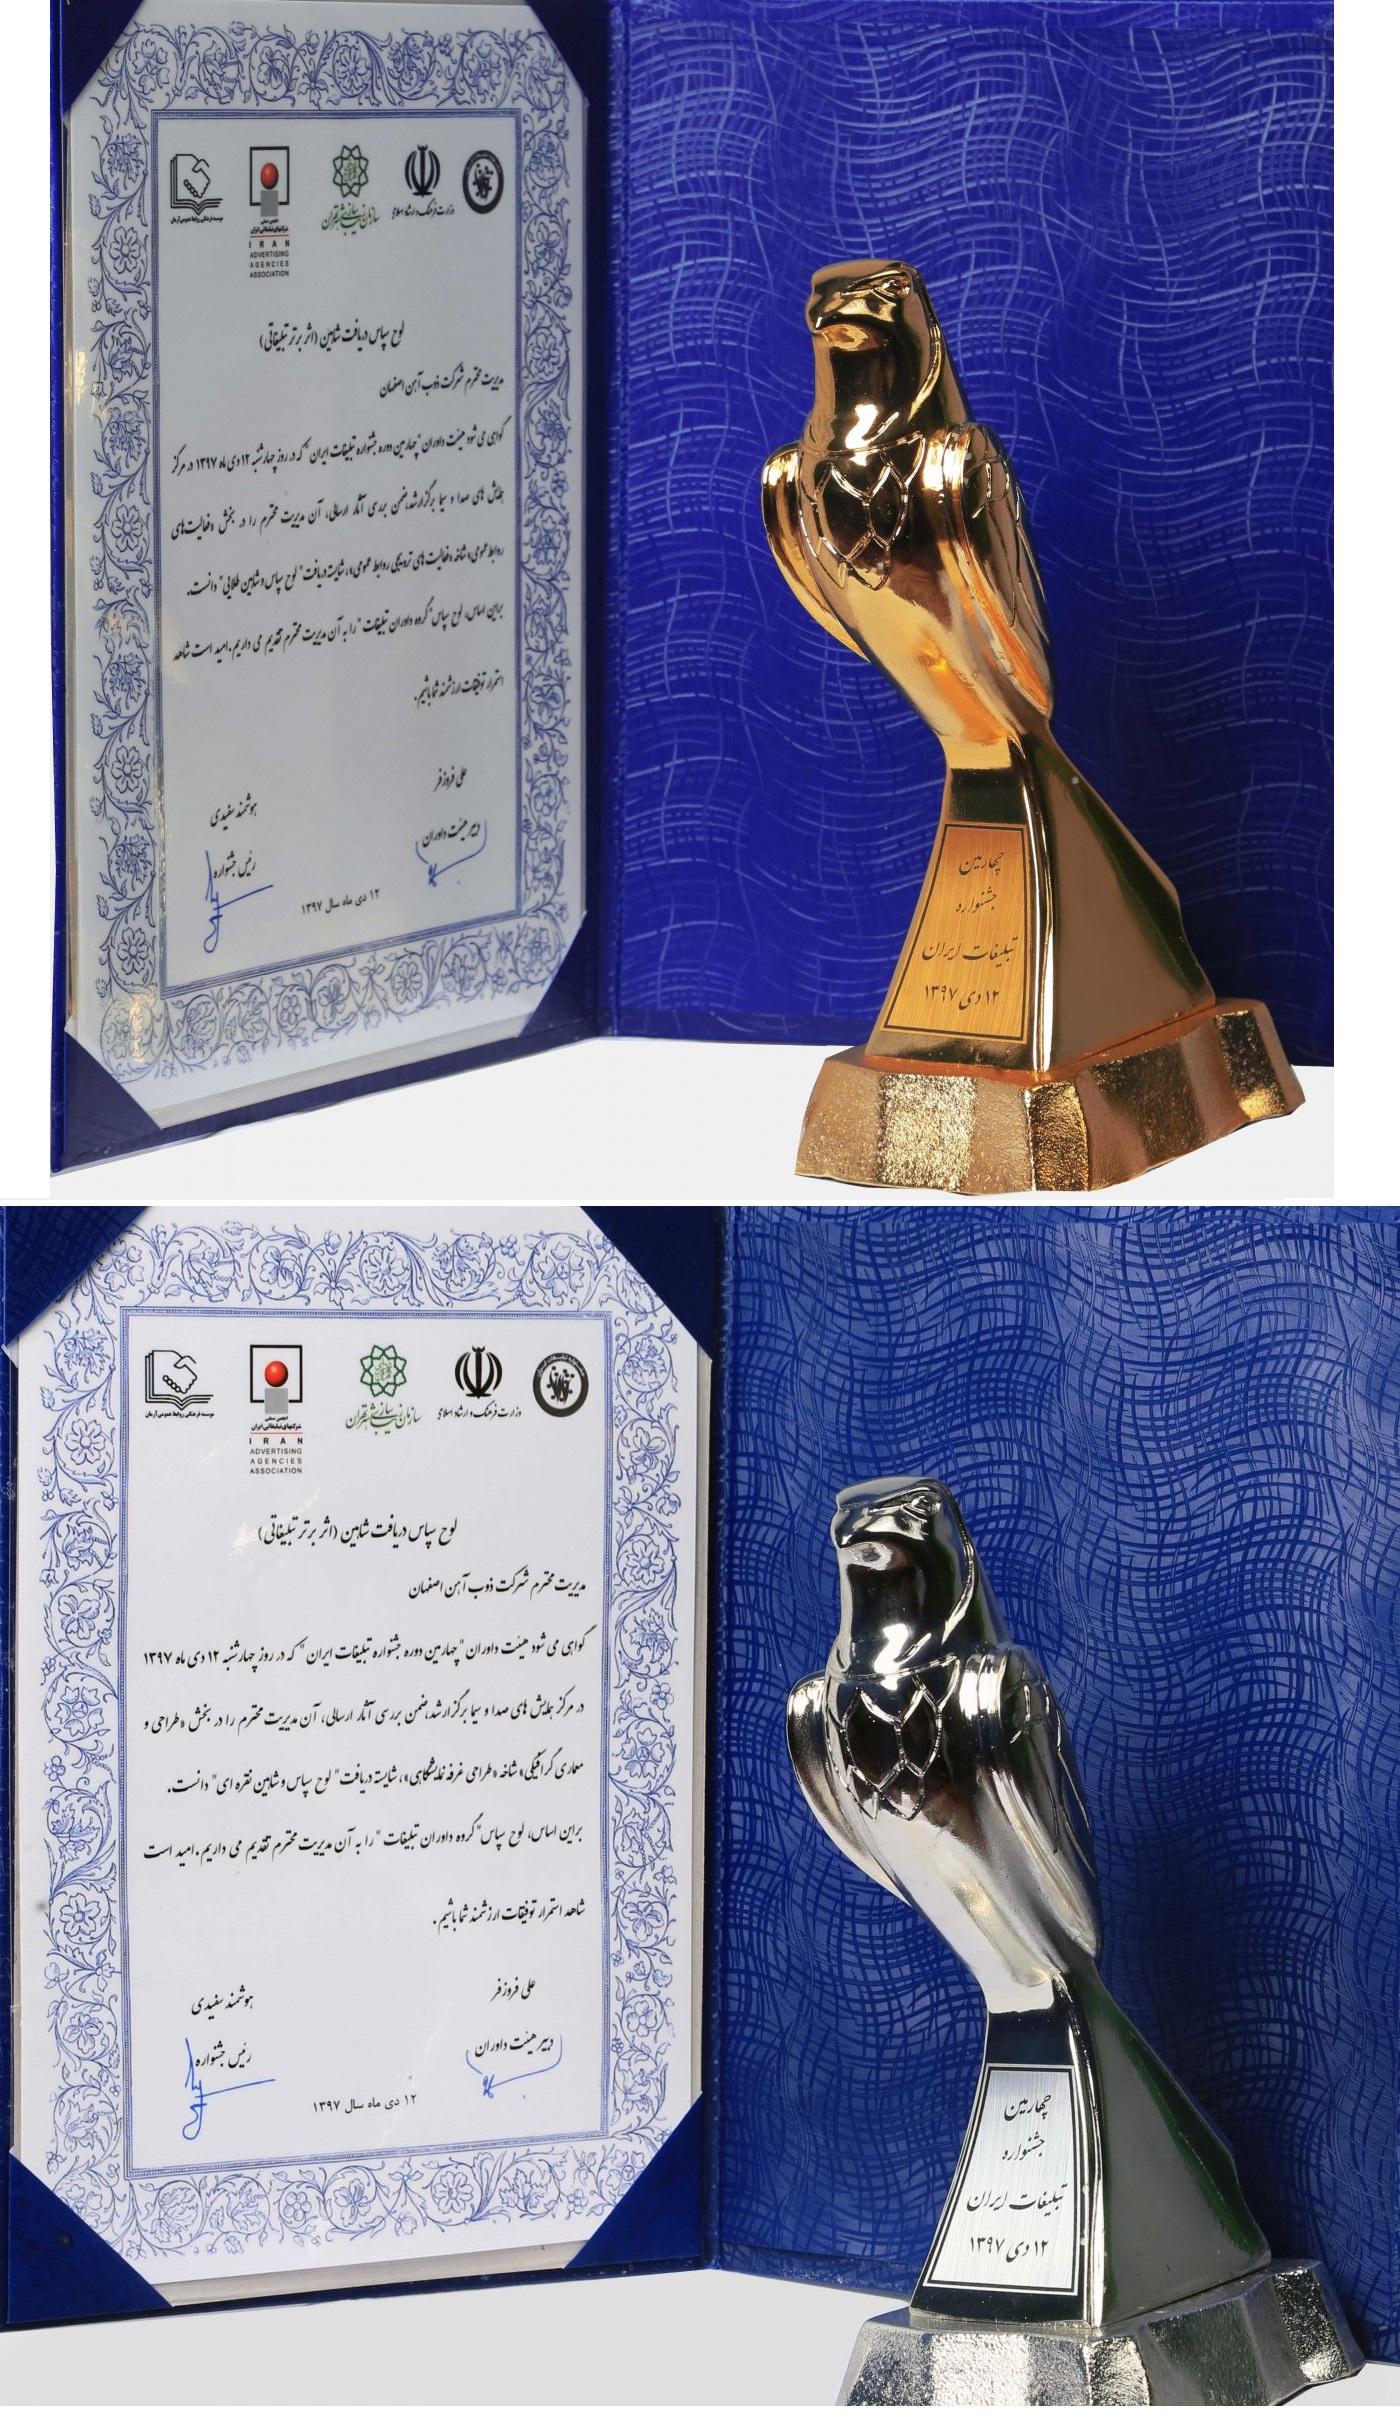 روابط عمومی ذوب آهن اصفهان موفق به کسب دو شاهین طلایی و نقره ای در چهارمین جشنواره تبلیغات ایران شد